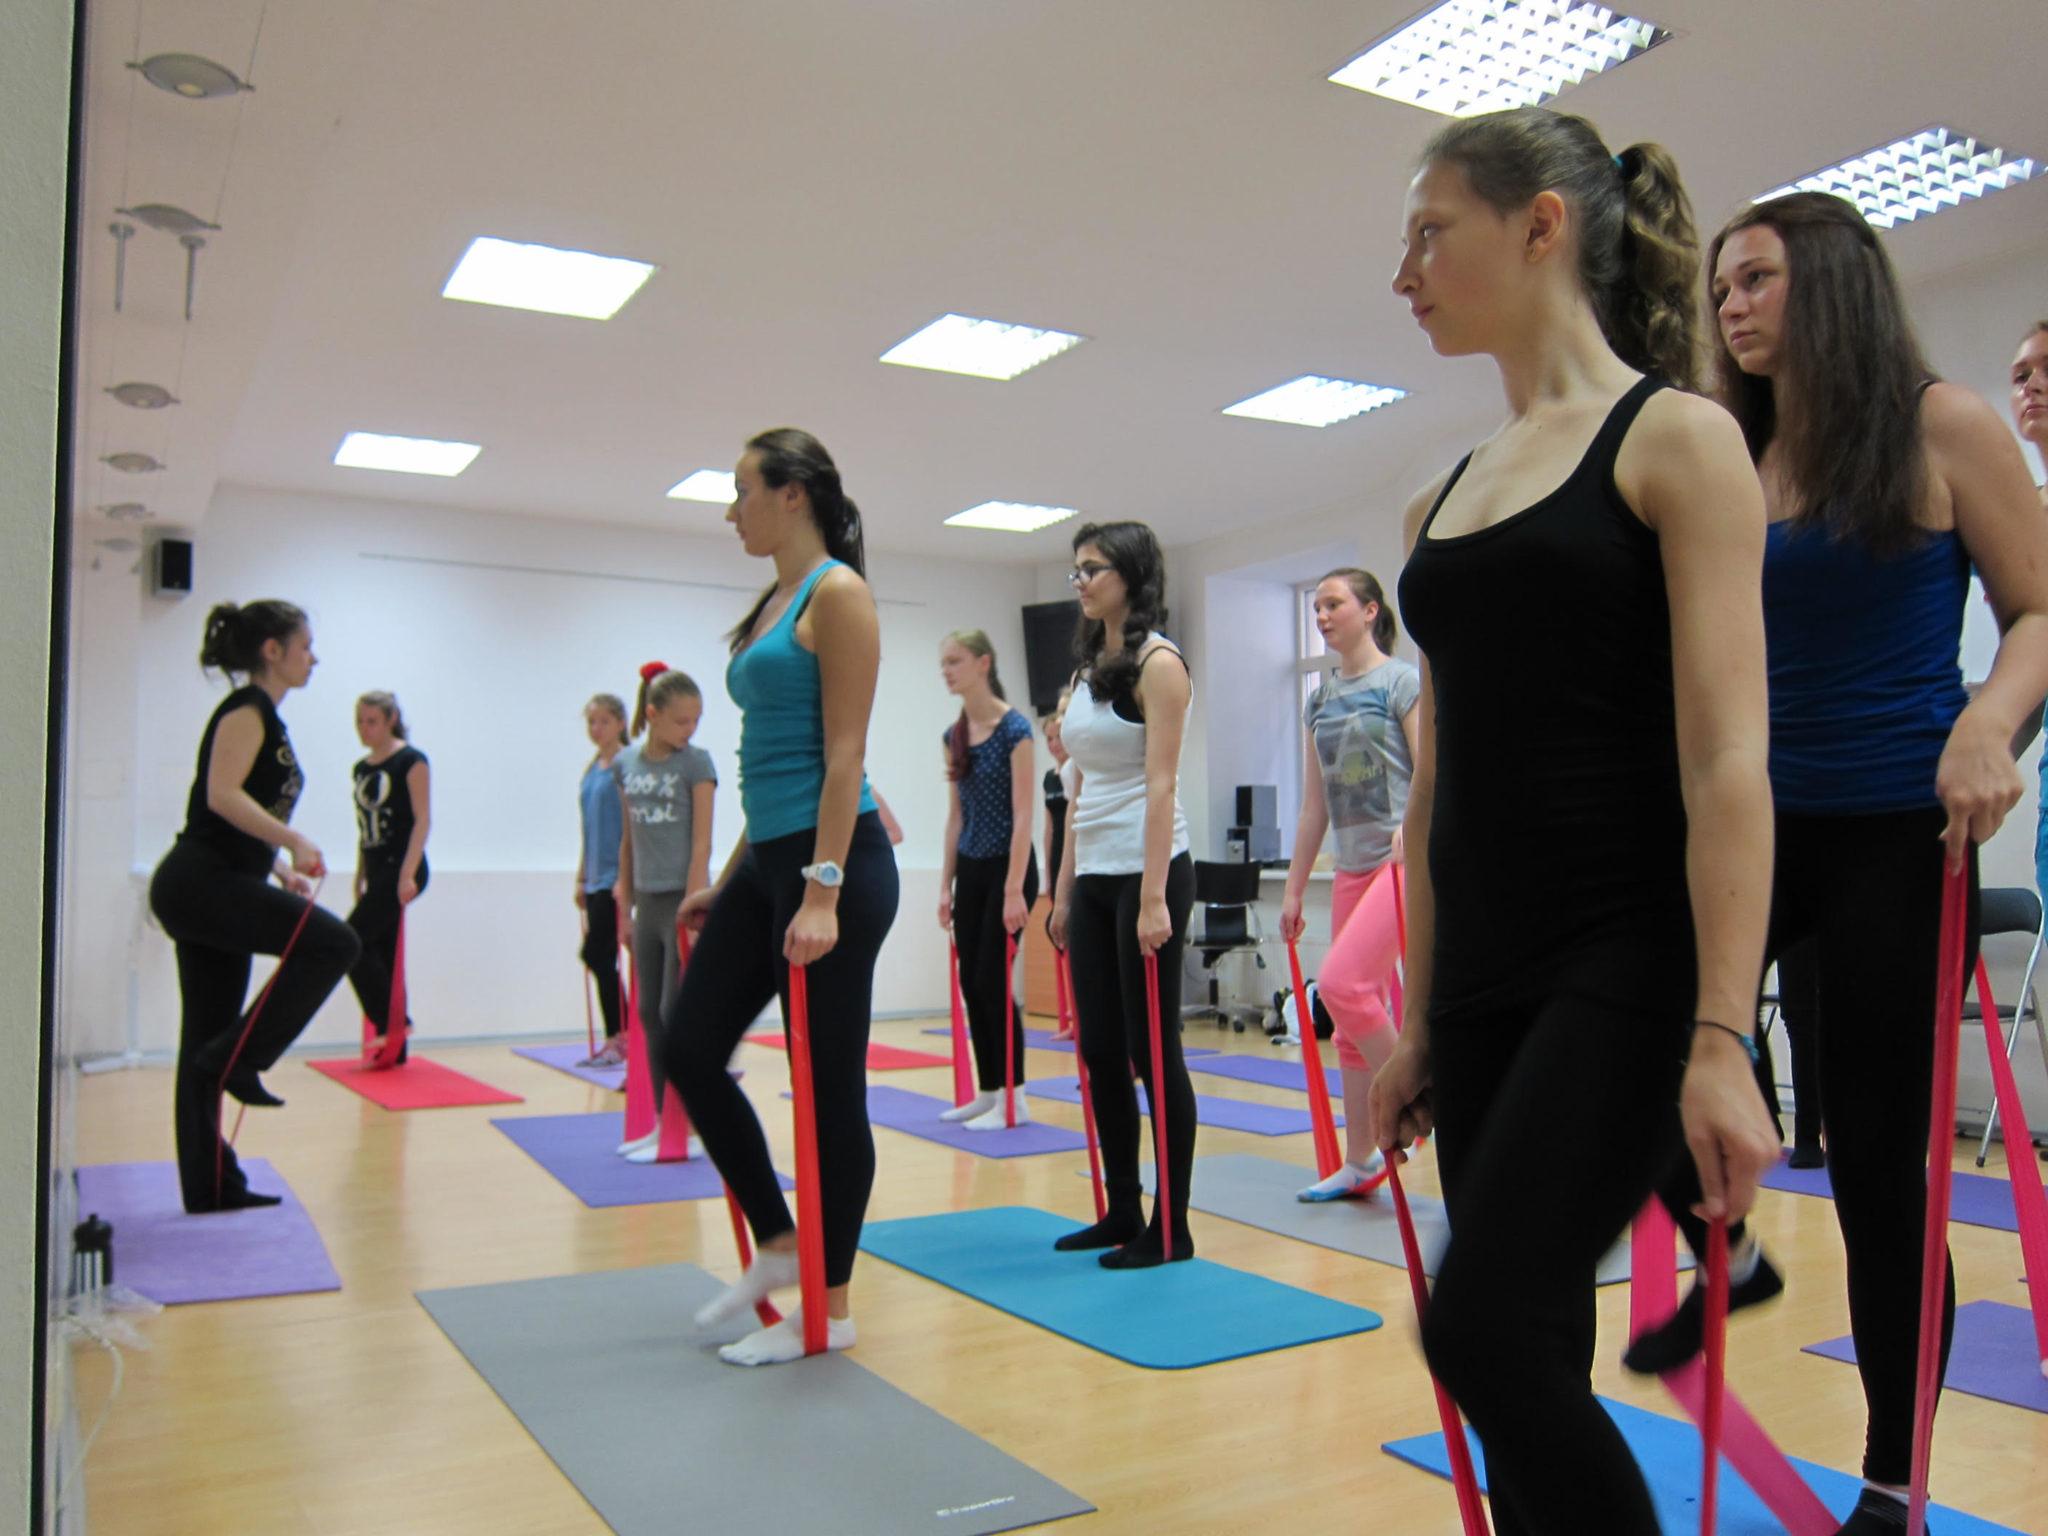 Vasaras estētikas skola Rīgā 13-17 gadus vecām meitenēm